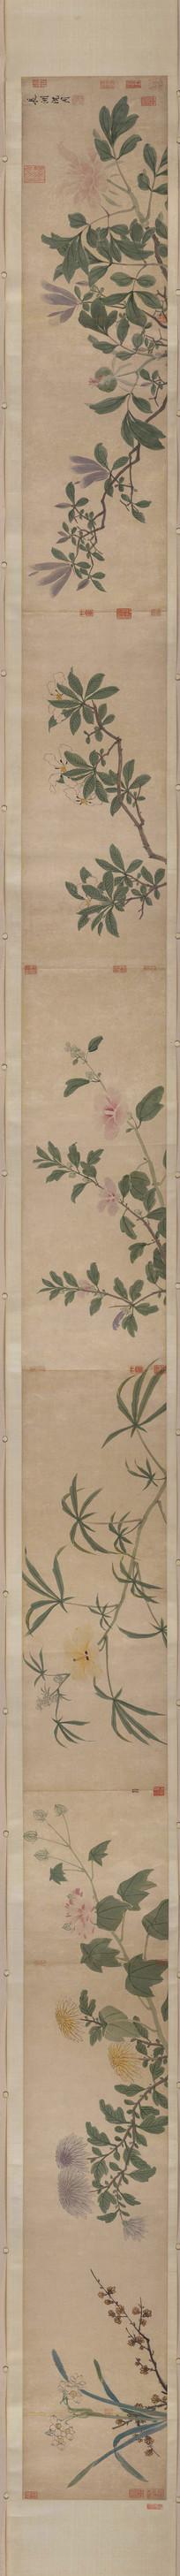 明代沈周四季花卉图卷